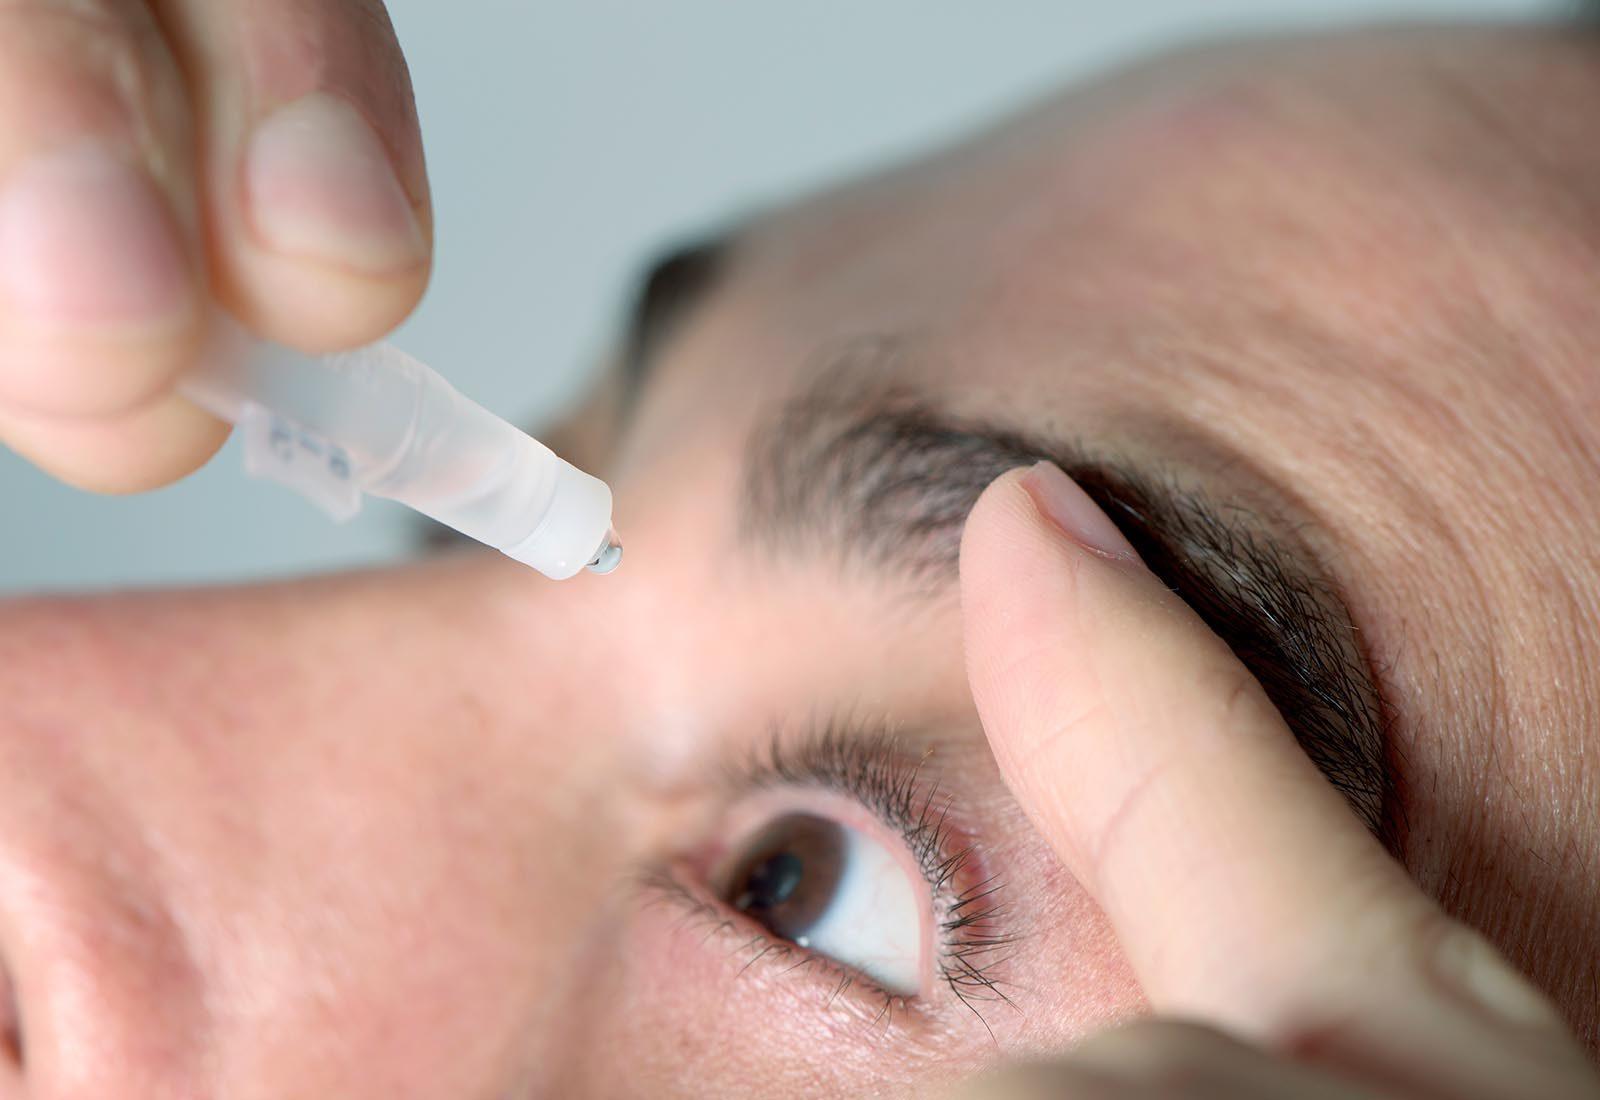 Le sel d'epsom peut être utilisé pour rincer les yeux.